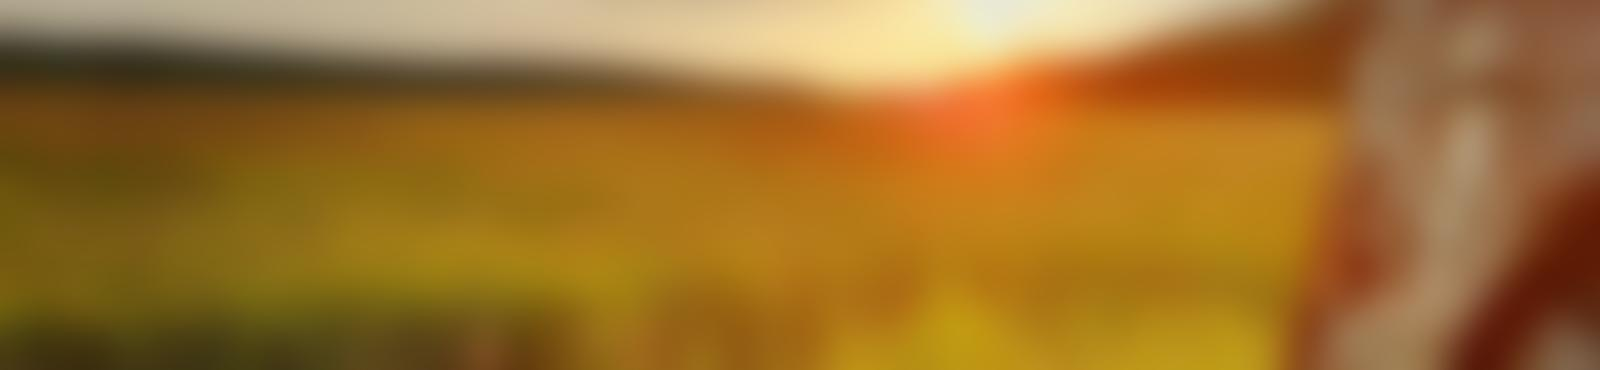 Blurred c97c4045 a984 4f57 95b8 0a1907133cae